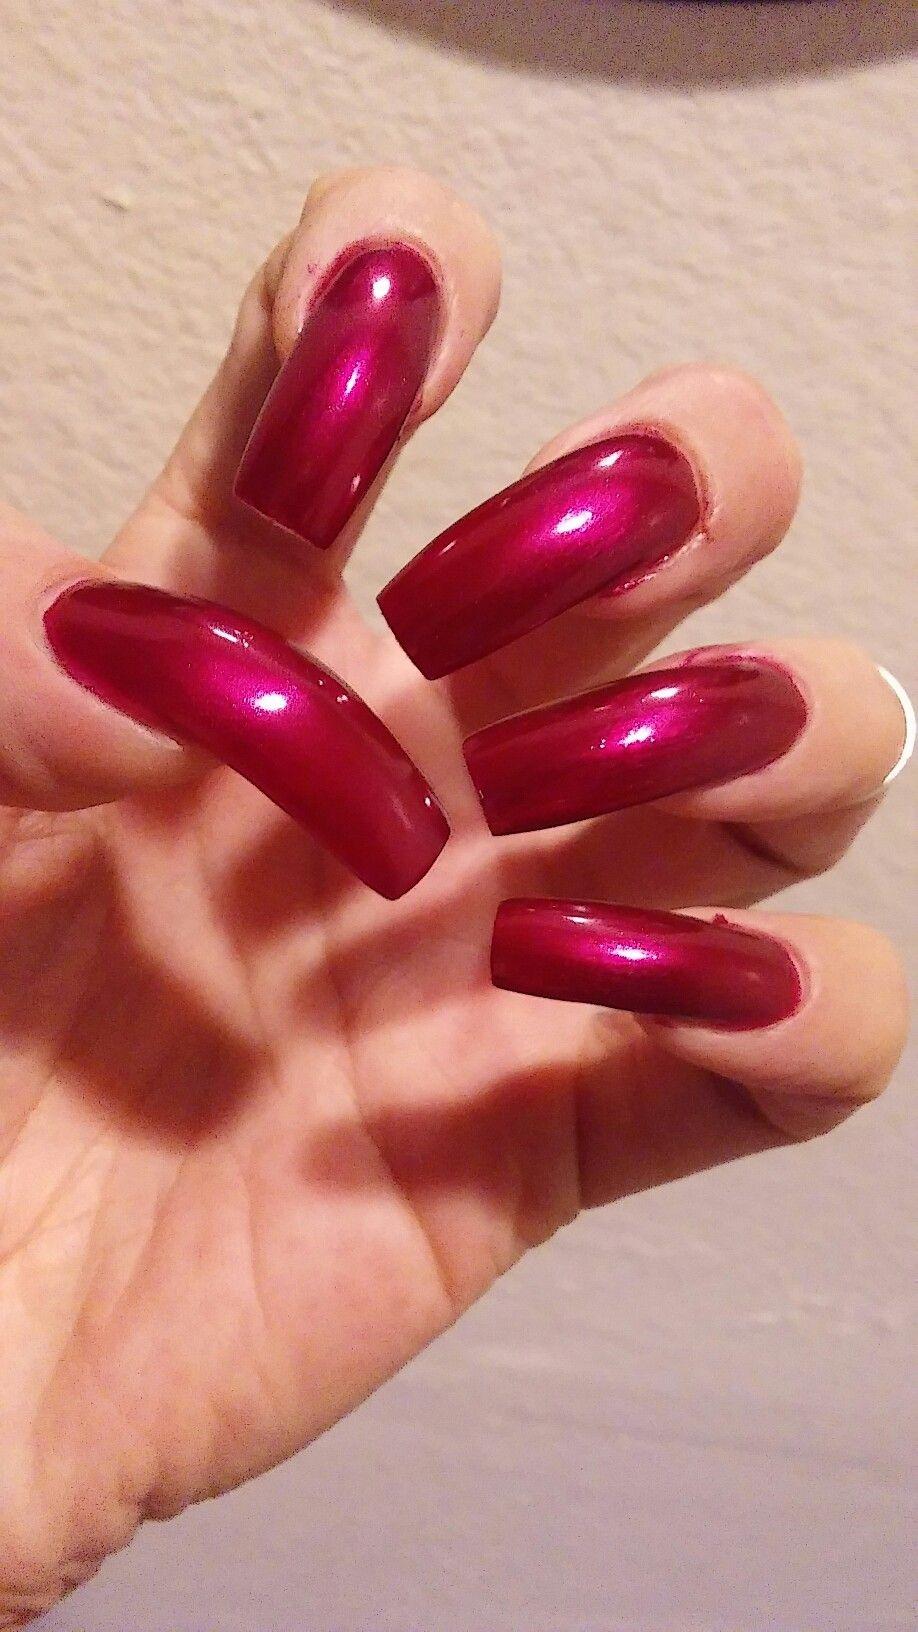 Excellent long red fingernail fetish above